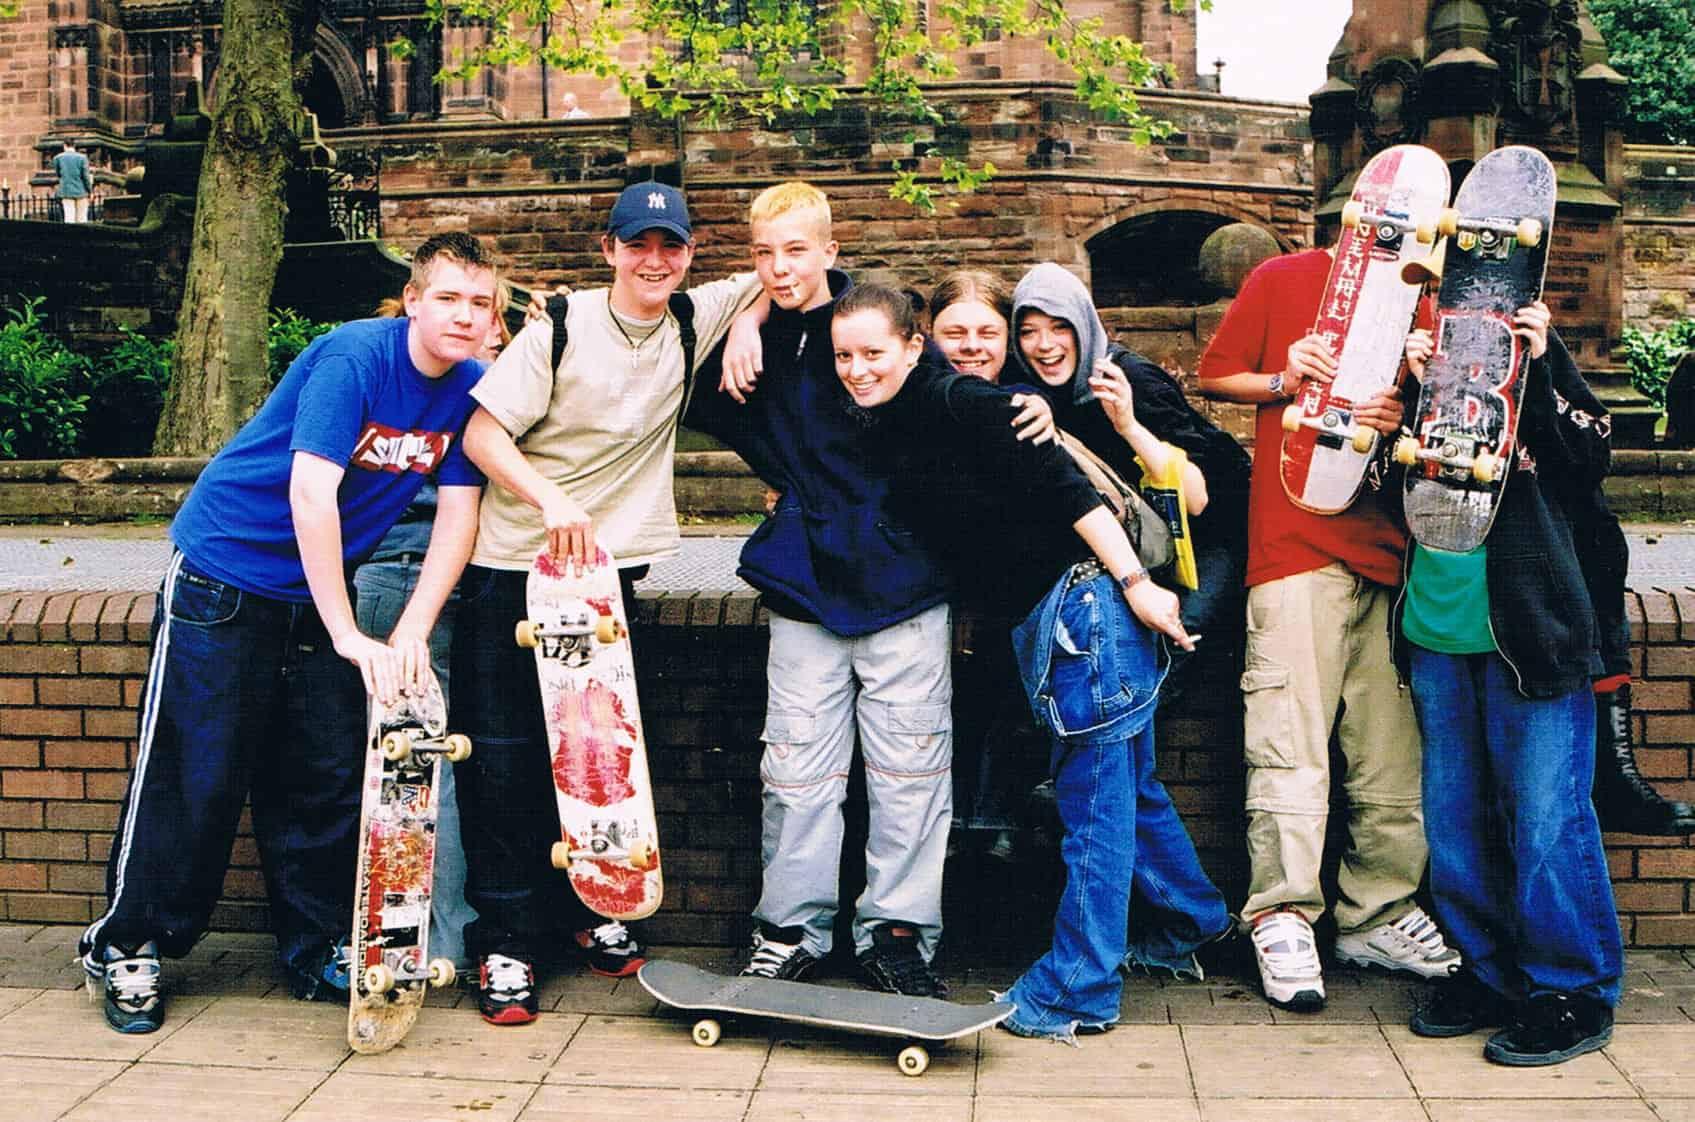 Skateboarders Wton 2002_